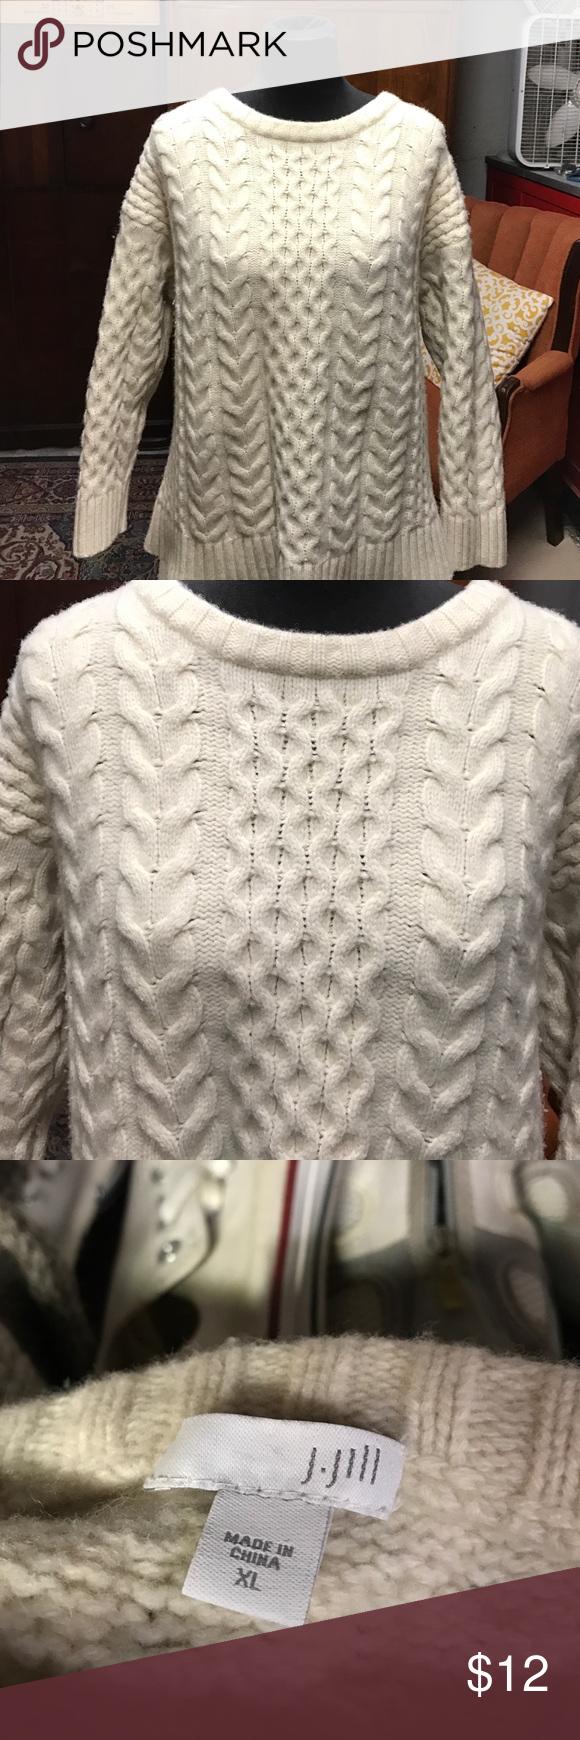 J.Jill Irish knit sweater Beautiful Irish knit sweater EUC J.Jill Sweaters Crew & Scoop Necks